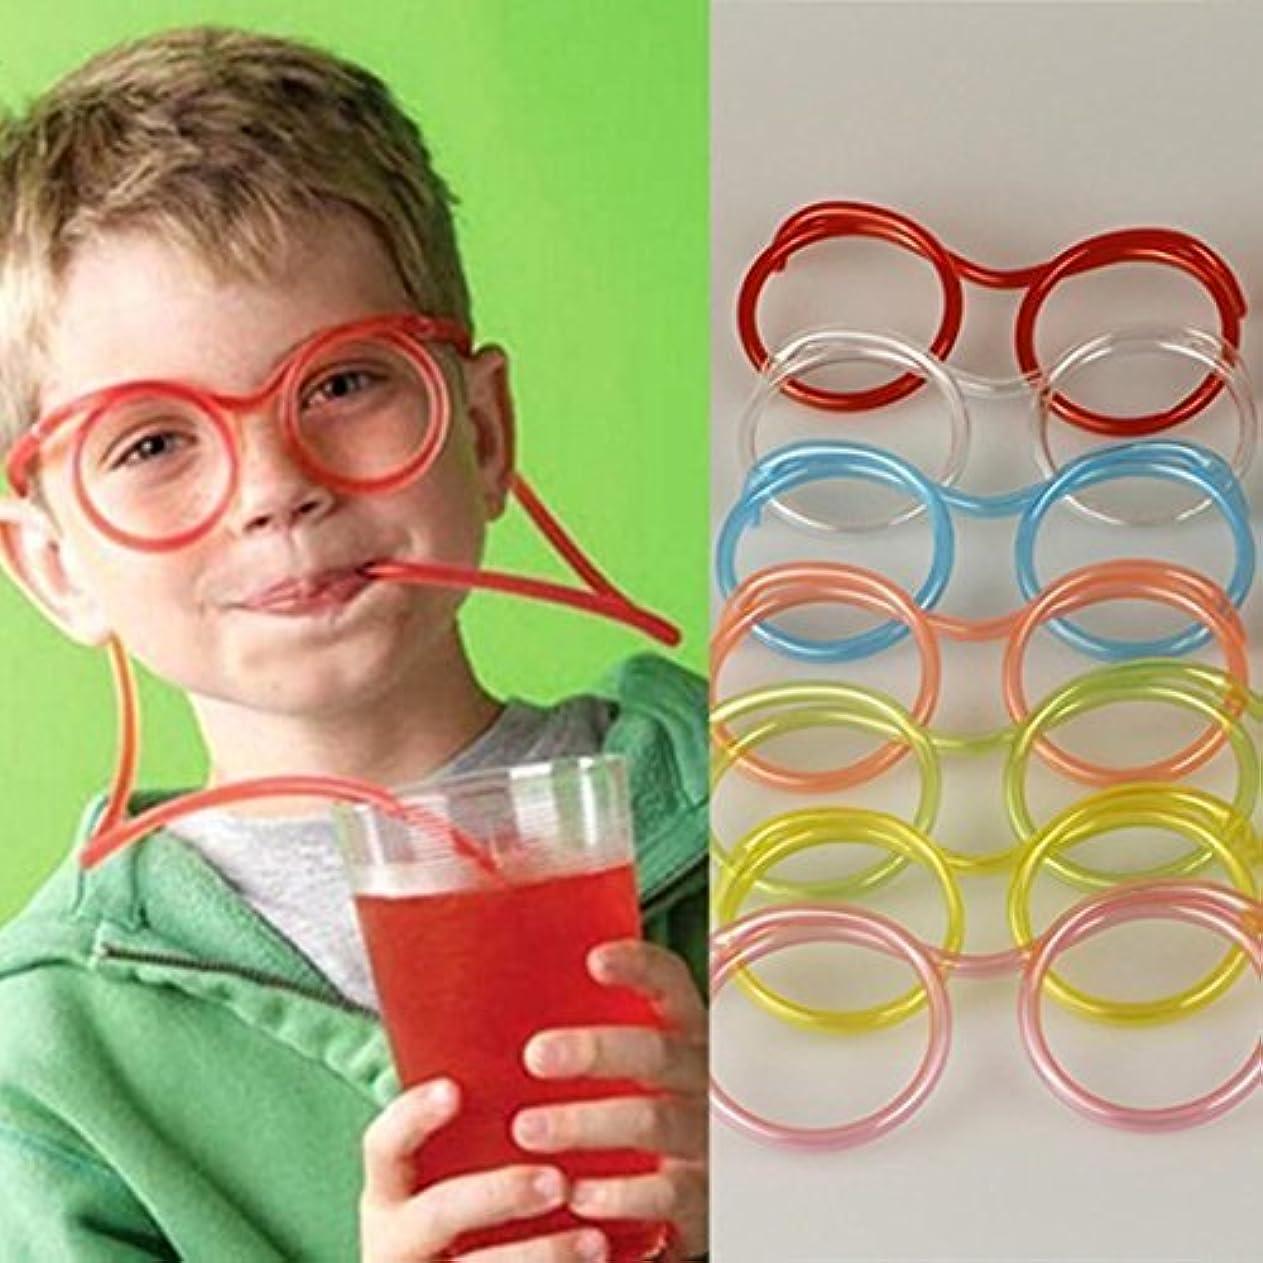 バレエ救急車溶けた子供の狂った管の柔軟なギフトパーティーストロー楽しい目新しさを飲んでガラスの供給